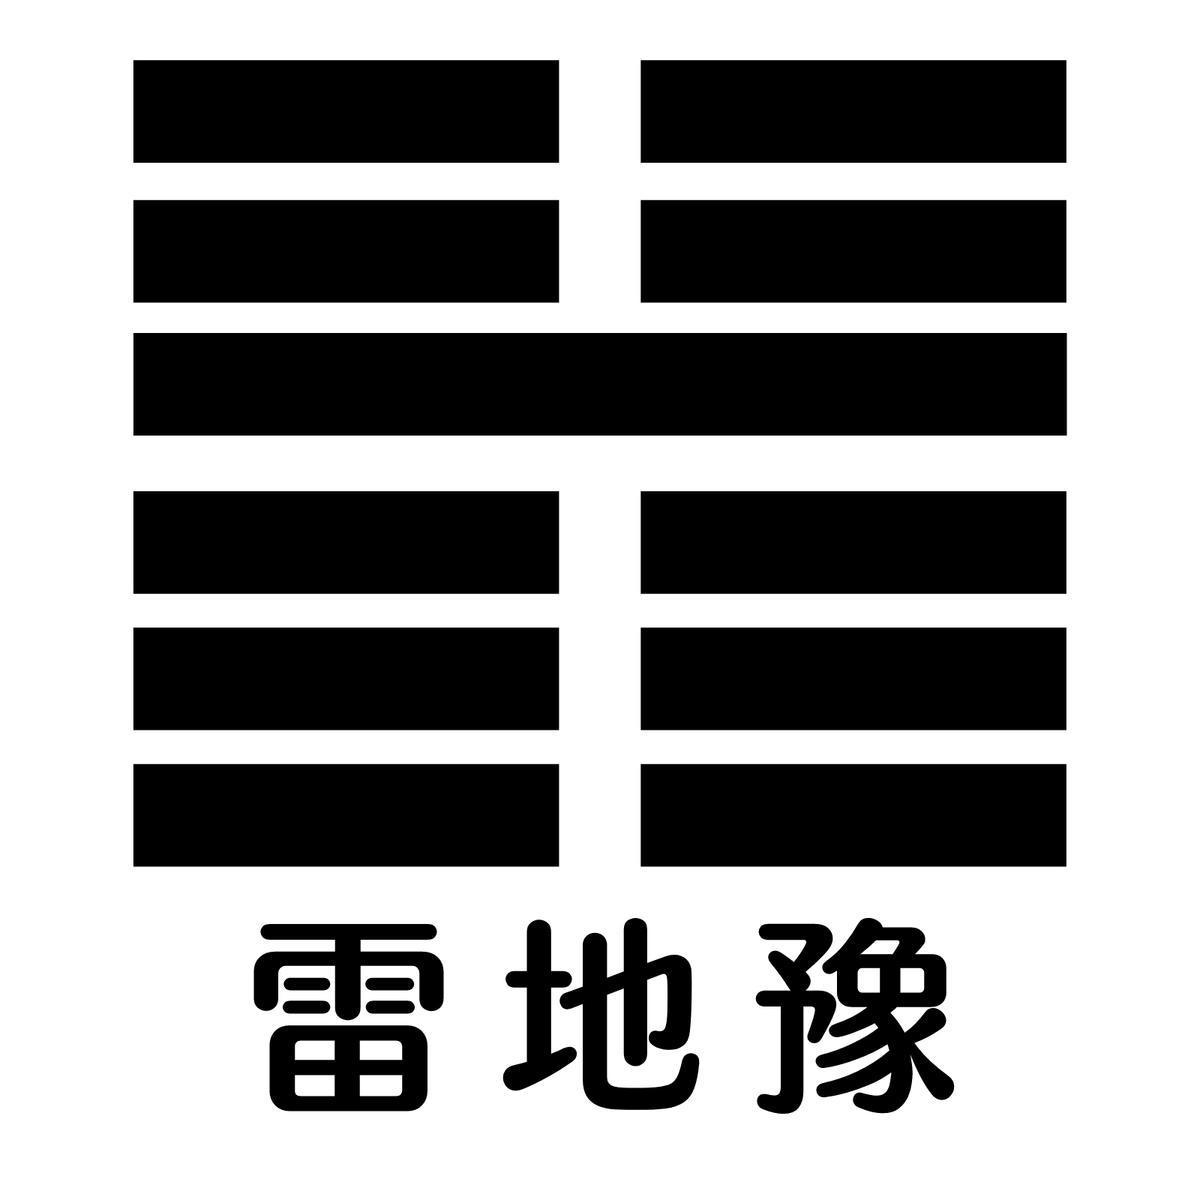 「雷地予」(周易)